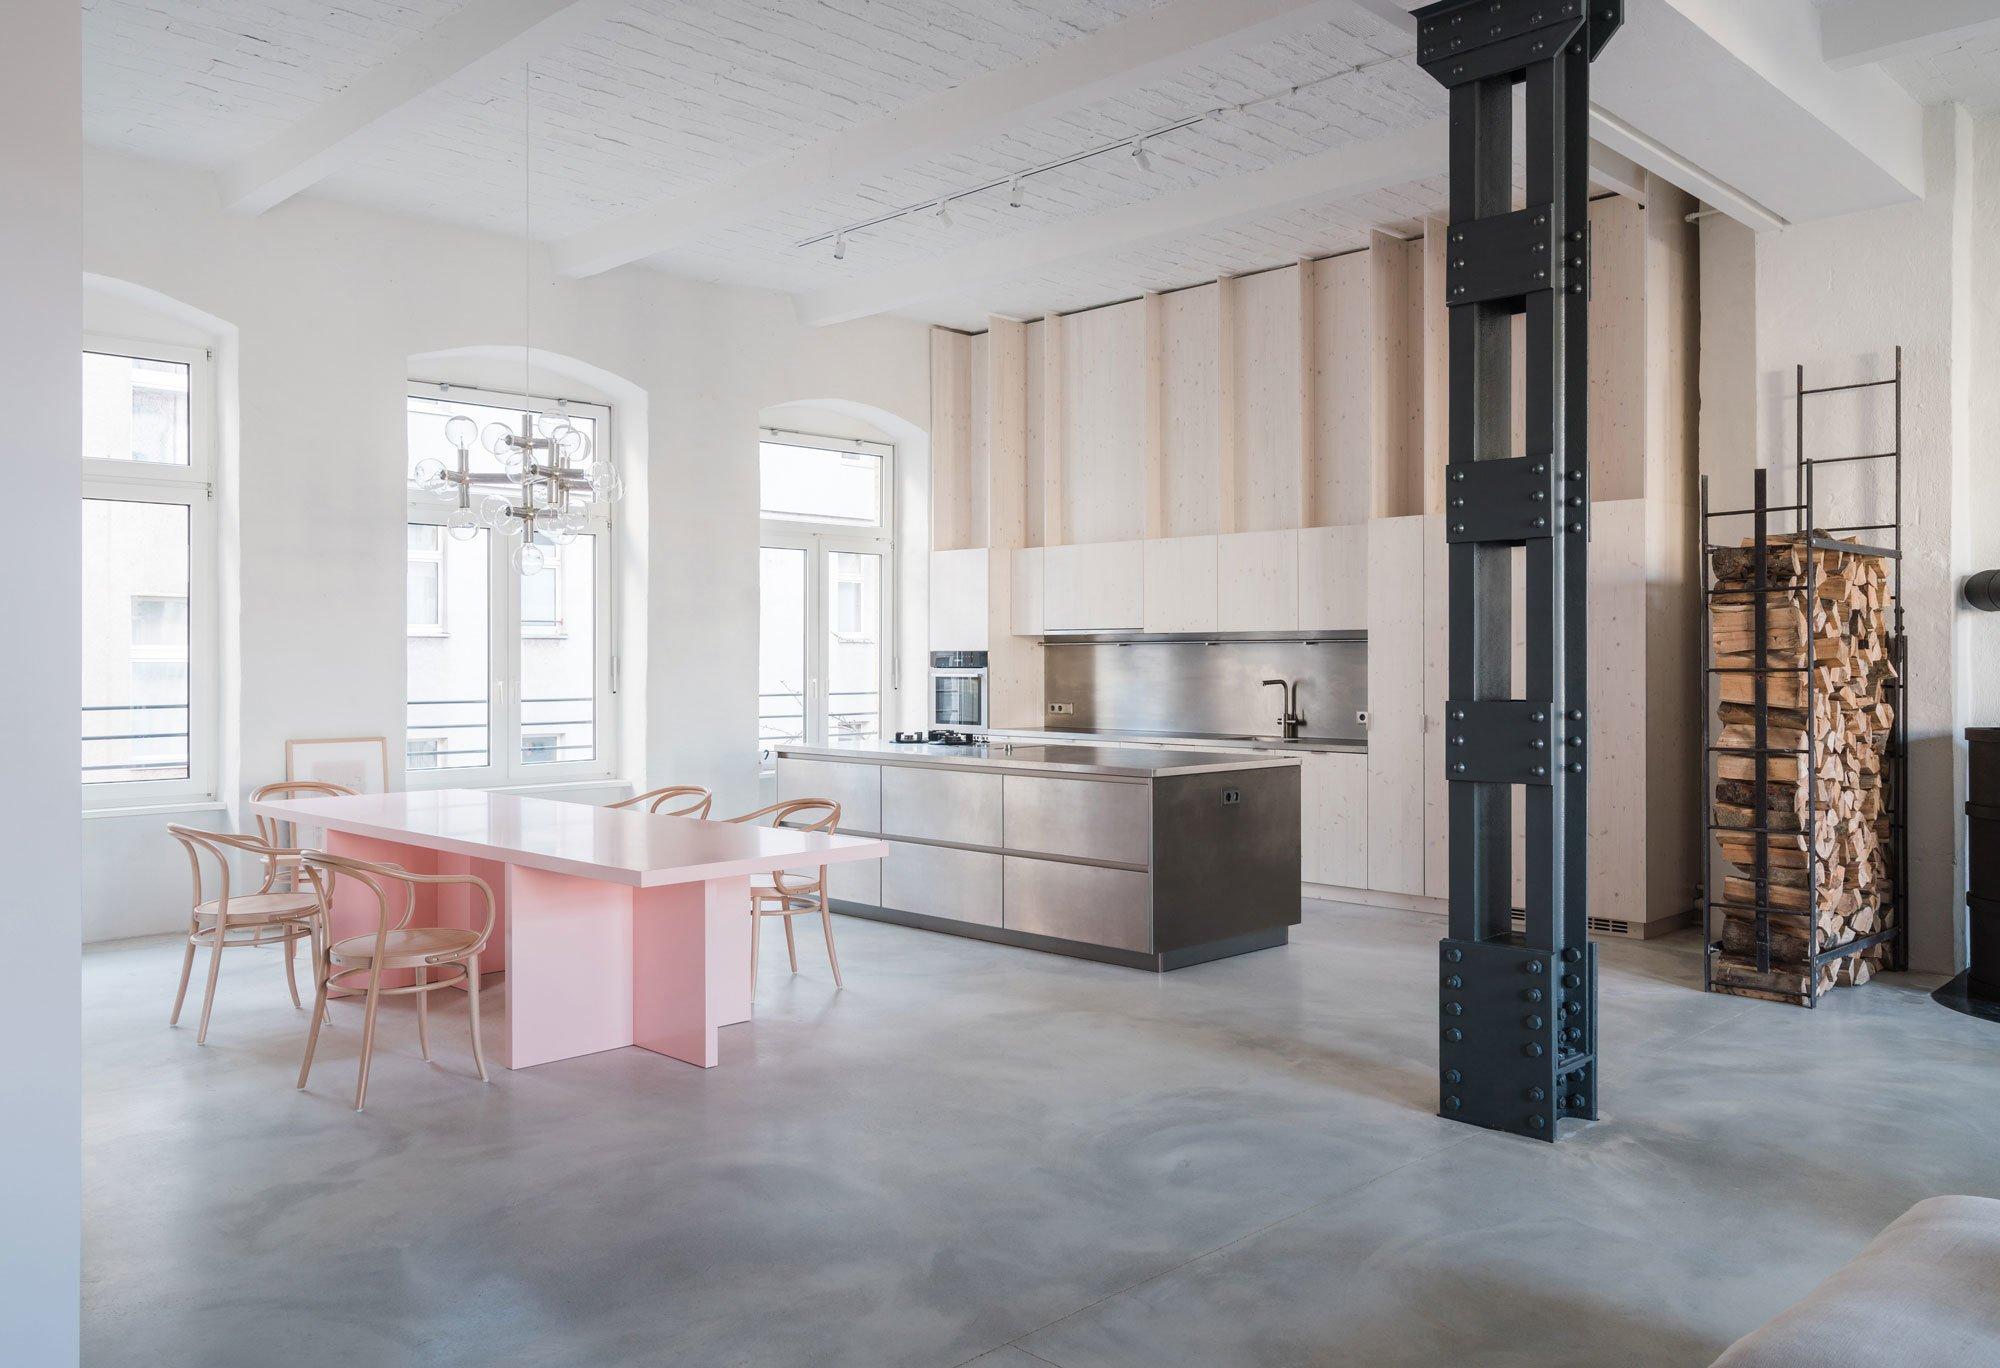 Orte des Rückzugs in der Weite eines Lofts? Diesen Widerspruch lösten Batek Architekten für eine fünfköpfige Familie in Berlin mit dem Umbau einer alten Fabrikhalle.